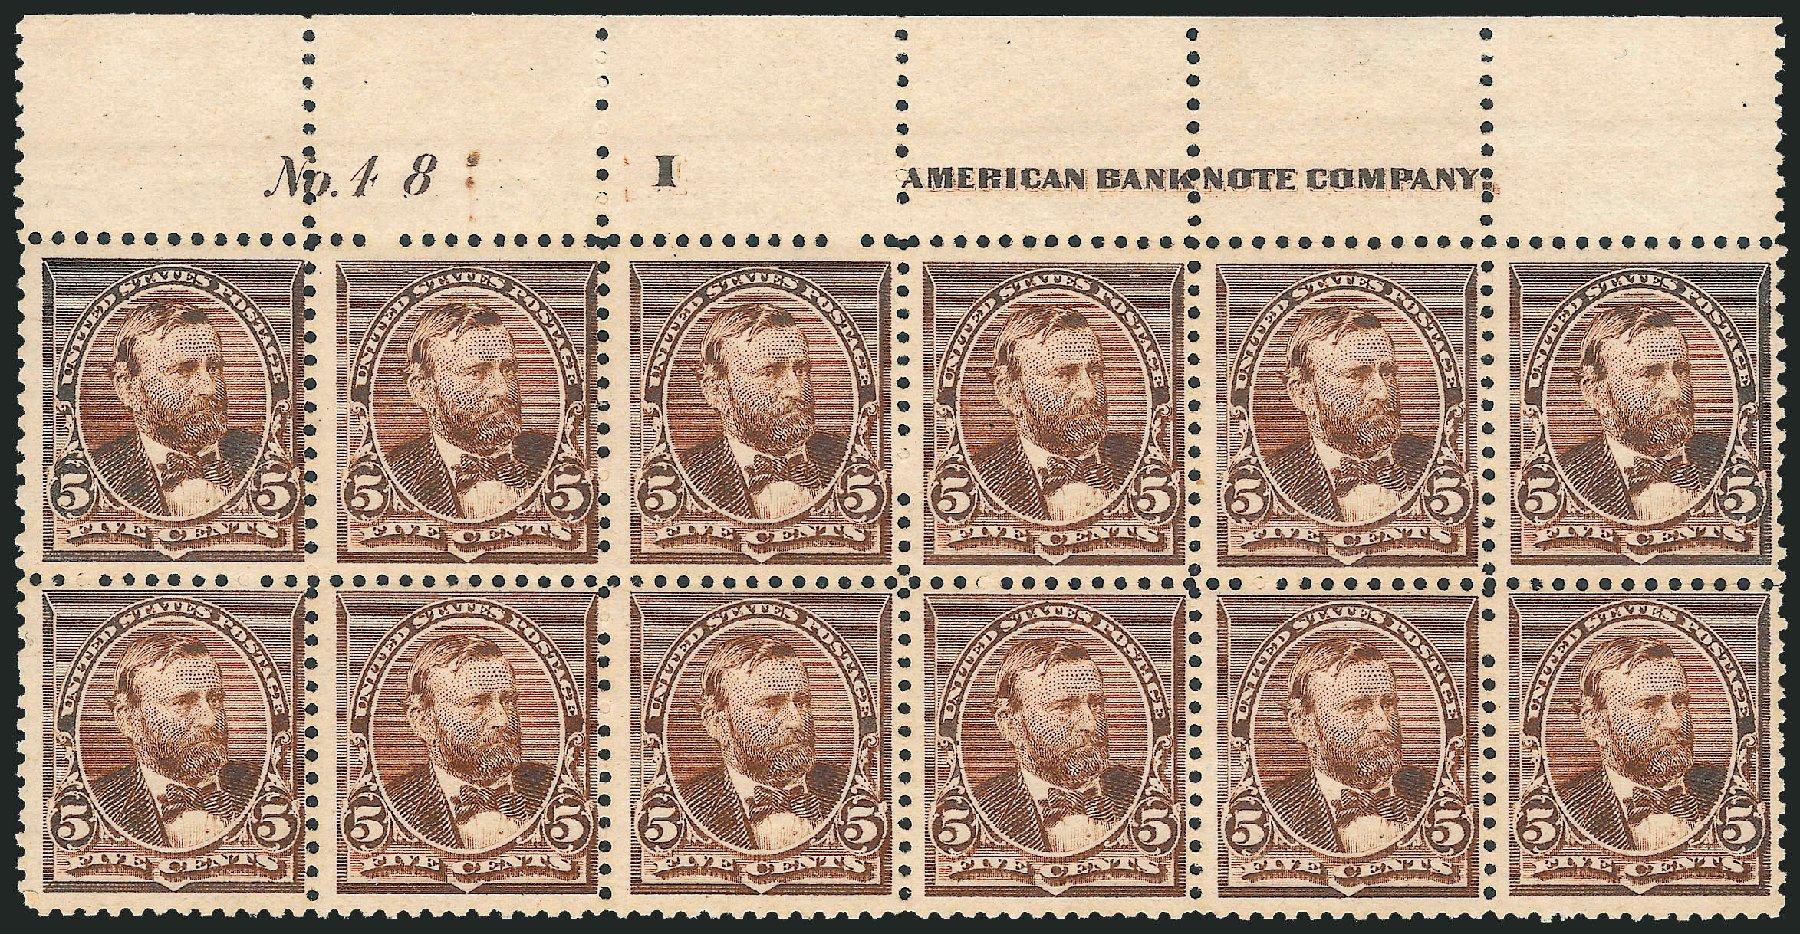 US Stamps Values Scott Catalogue 223 - 1890 5c Grant. Robert Siegel Auction Galleries, Dec 2012, Sale 1037, Lot 1778